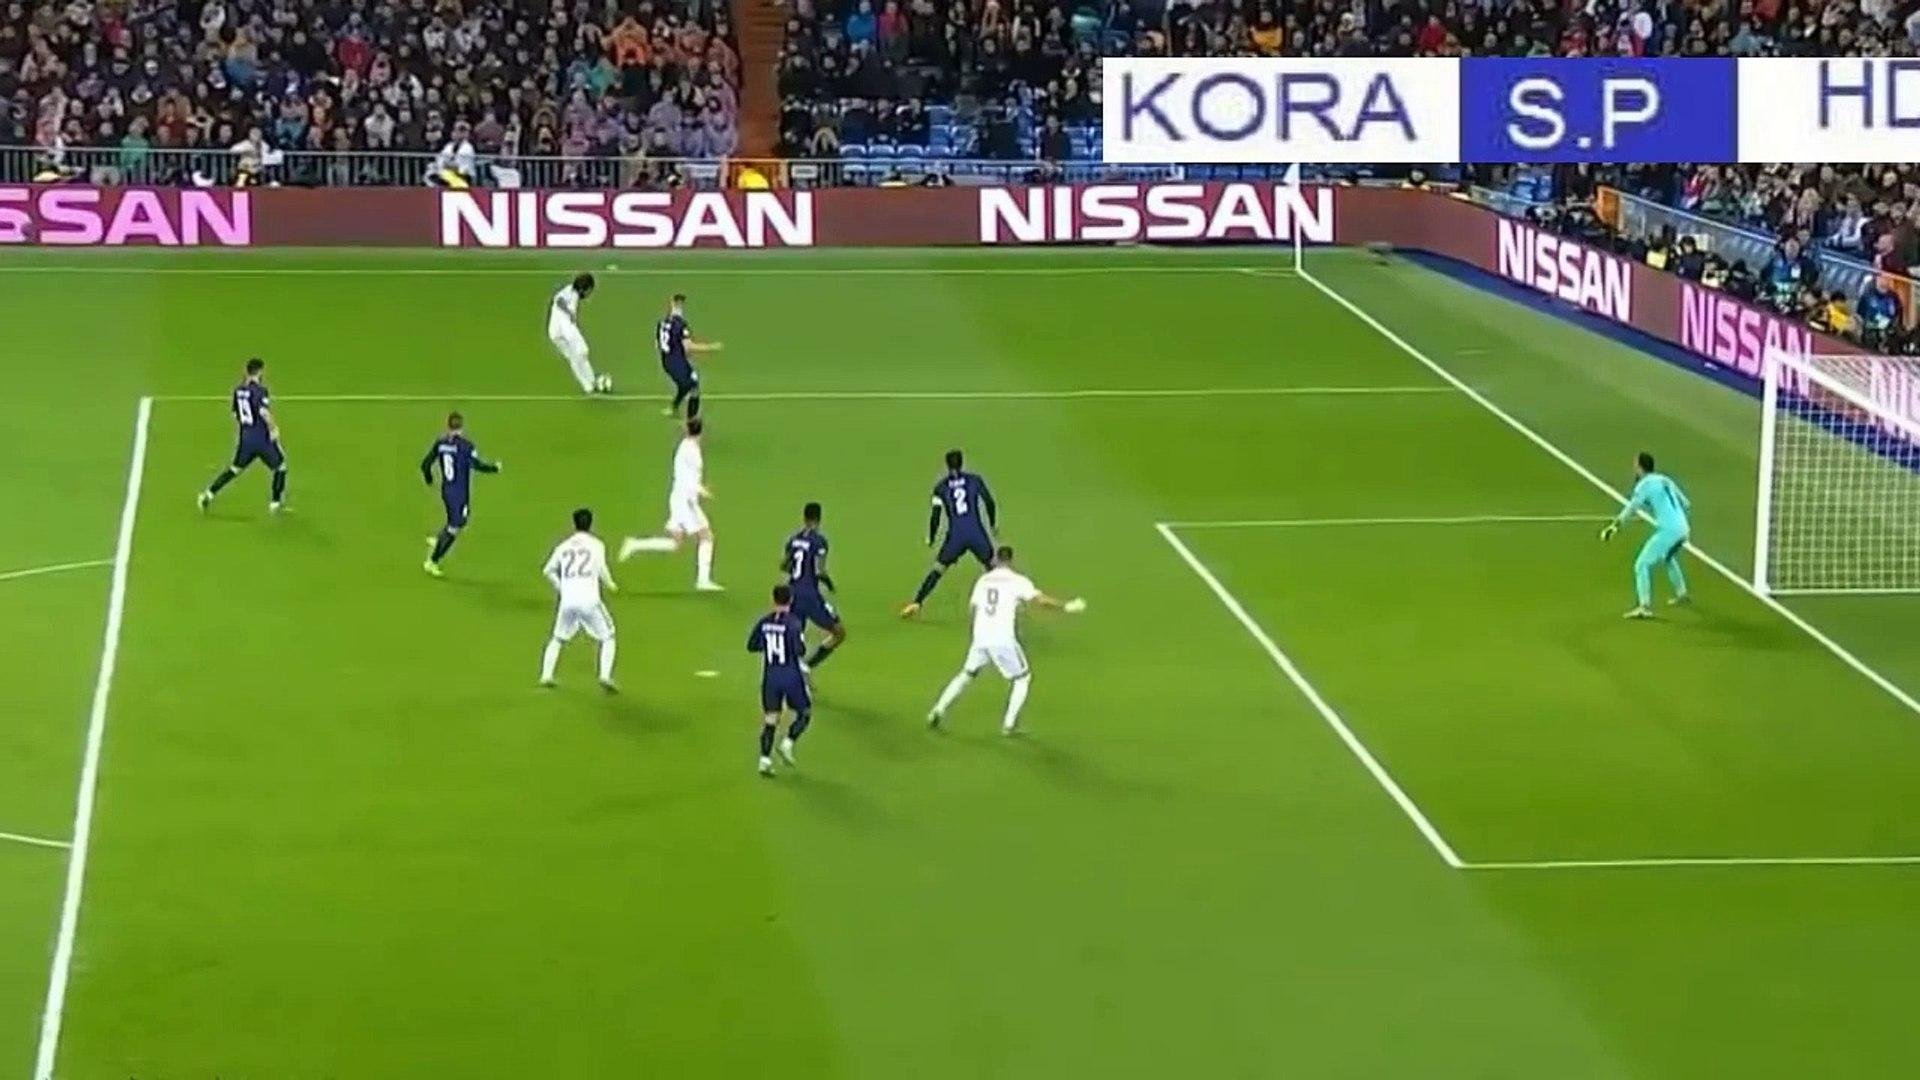 أهداف مباراة ريال مدريد وباريس سان جيرمان 2-2 مباراة قوية